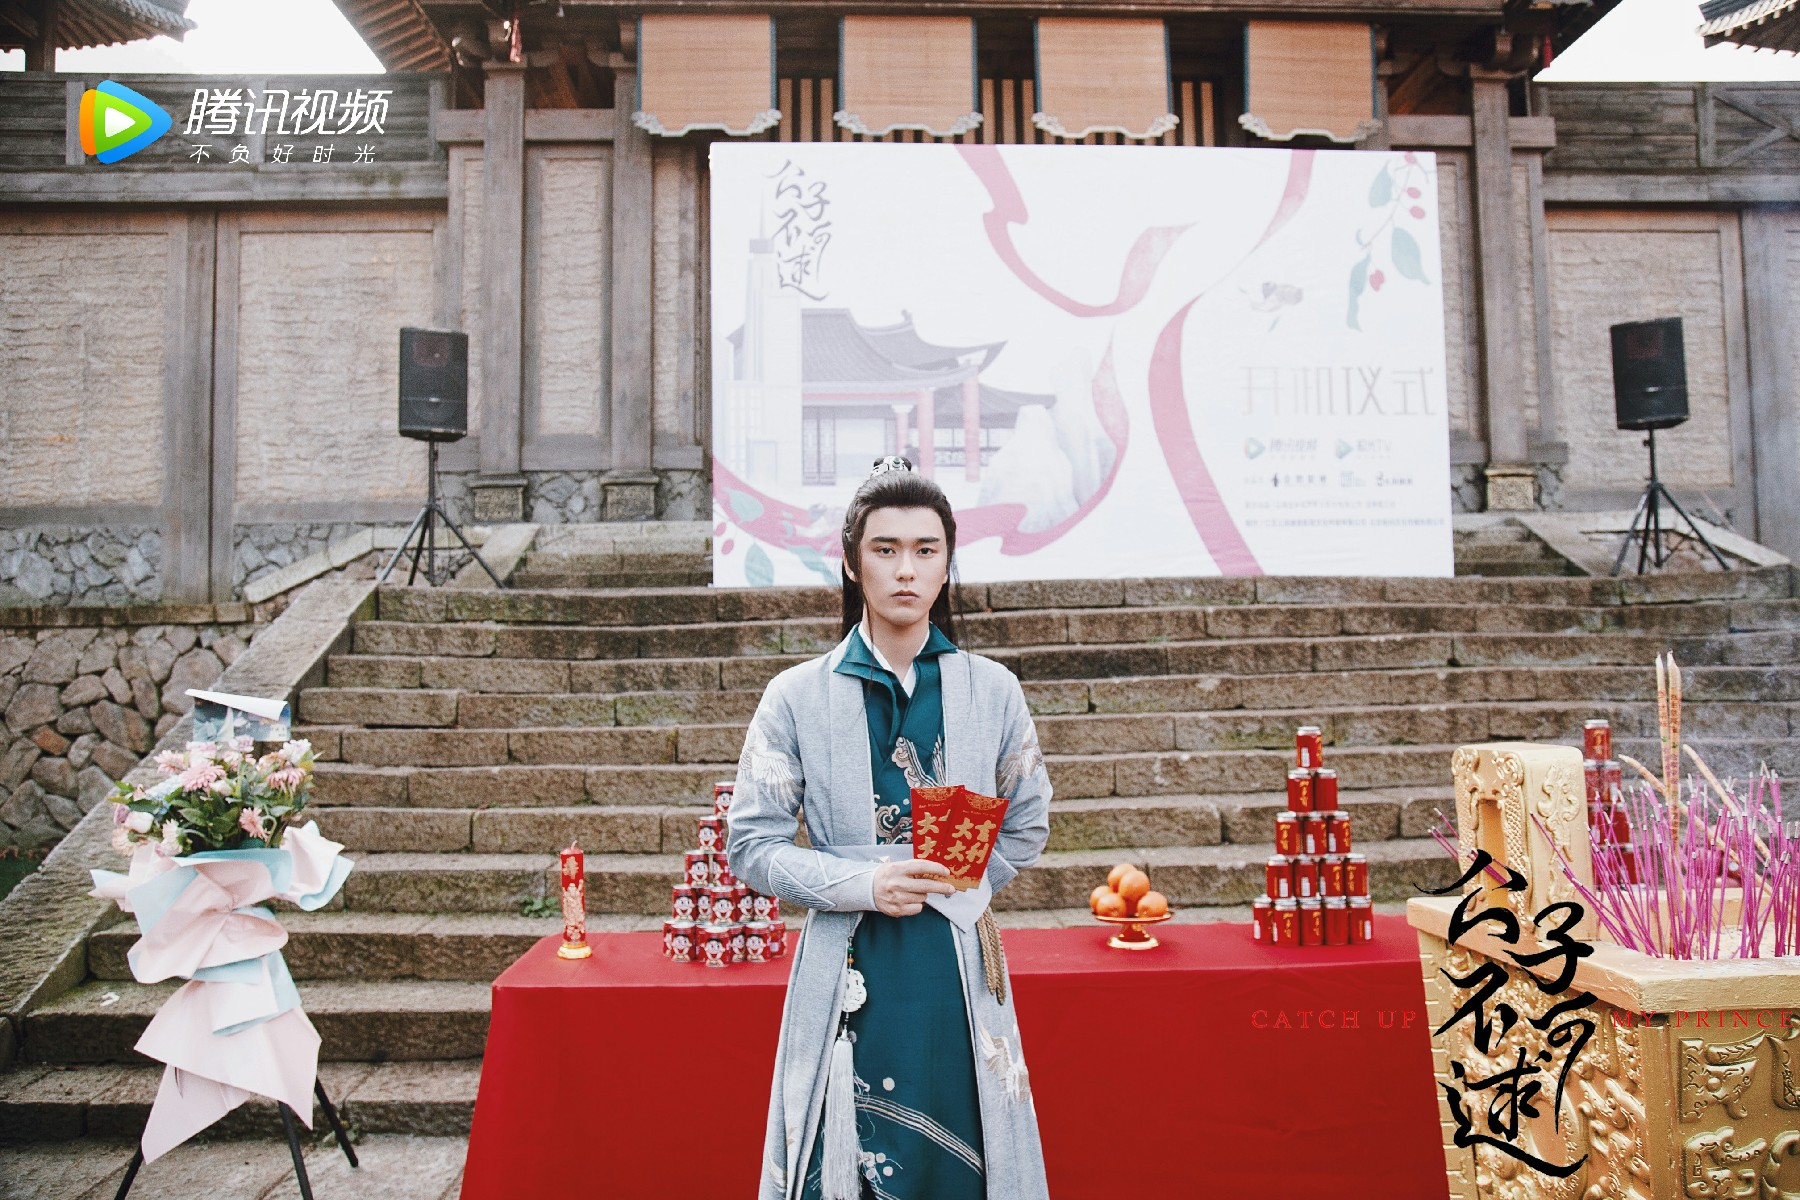 刘奕畅主演《公子不可逑》开机 甜宠来袭温暖寒冬